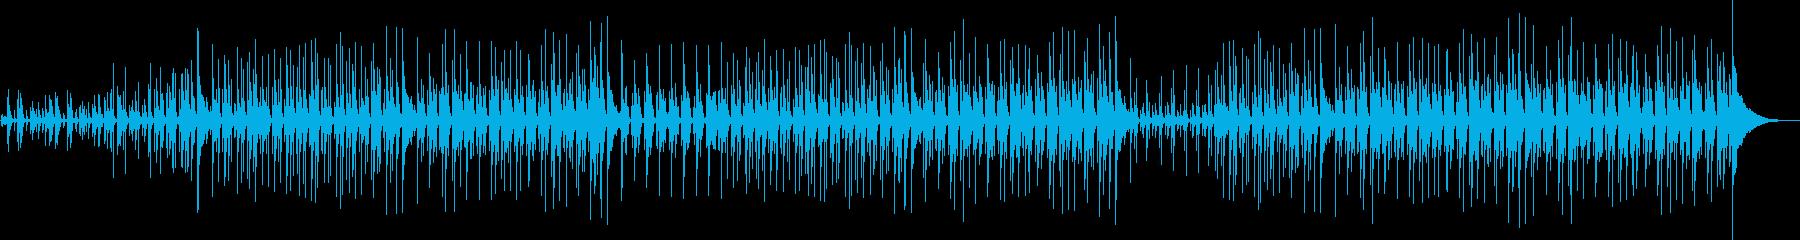 フォークの雰囲気漂うインディーポップスの再生済みの波形